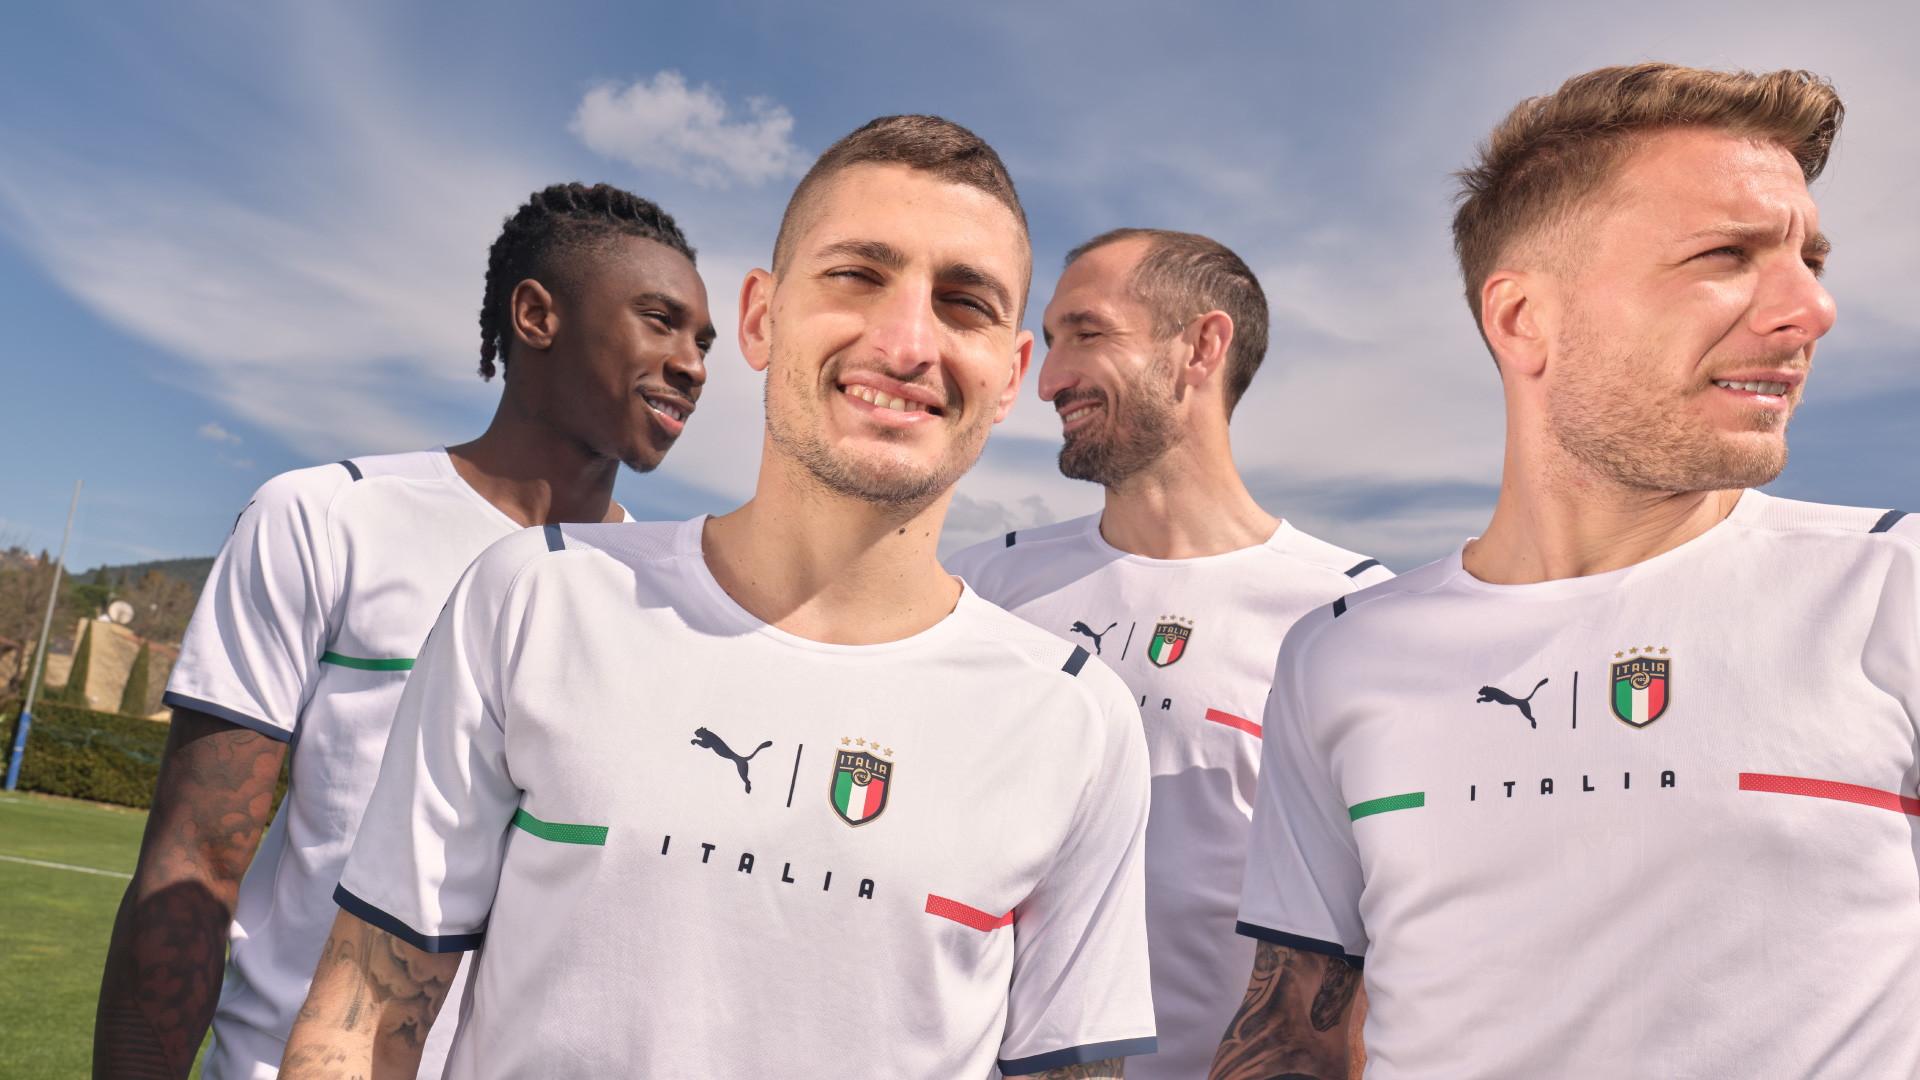 Puma ha presentato un nuovo approccio rivoluzionario e innovativo per il design del kit da calcio Away 2021 della Nazionale Italiana. Il nuovo kit &egrave; stato svelato come parte della campagna &#39;Only See Great&#39; di Puma che celebra l&rsquo;unicit&agrave; e l&#39;orgoglio nazionale dell&#39;Italia<br /><br />